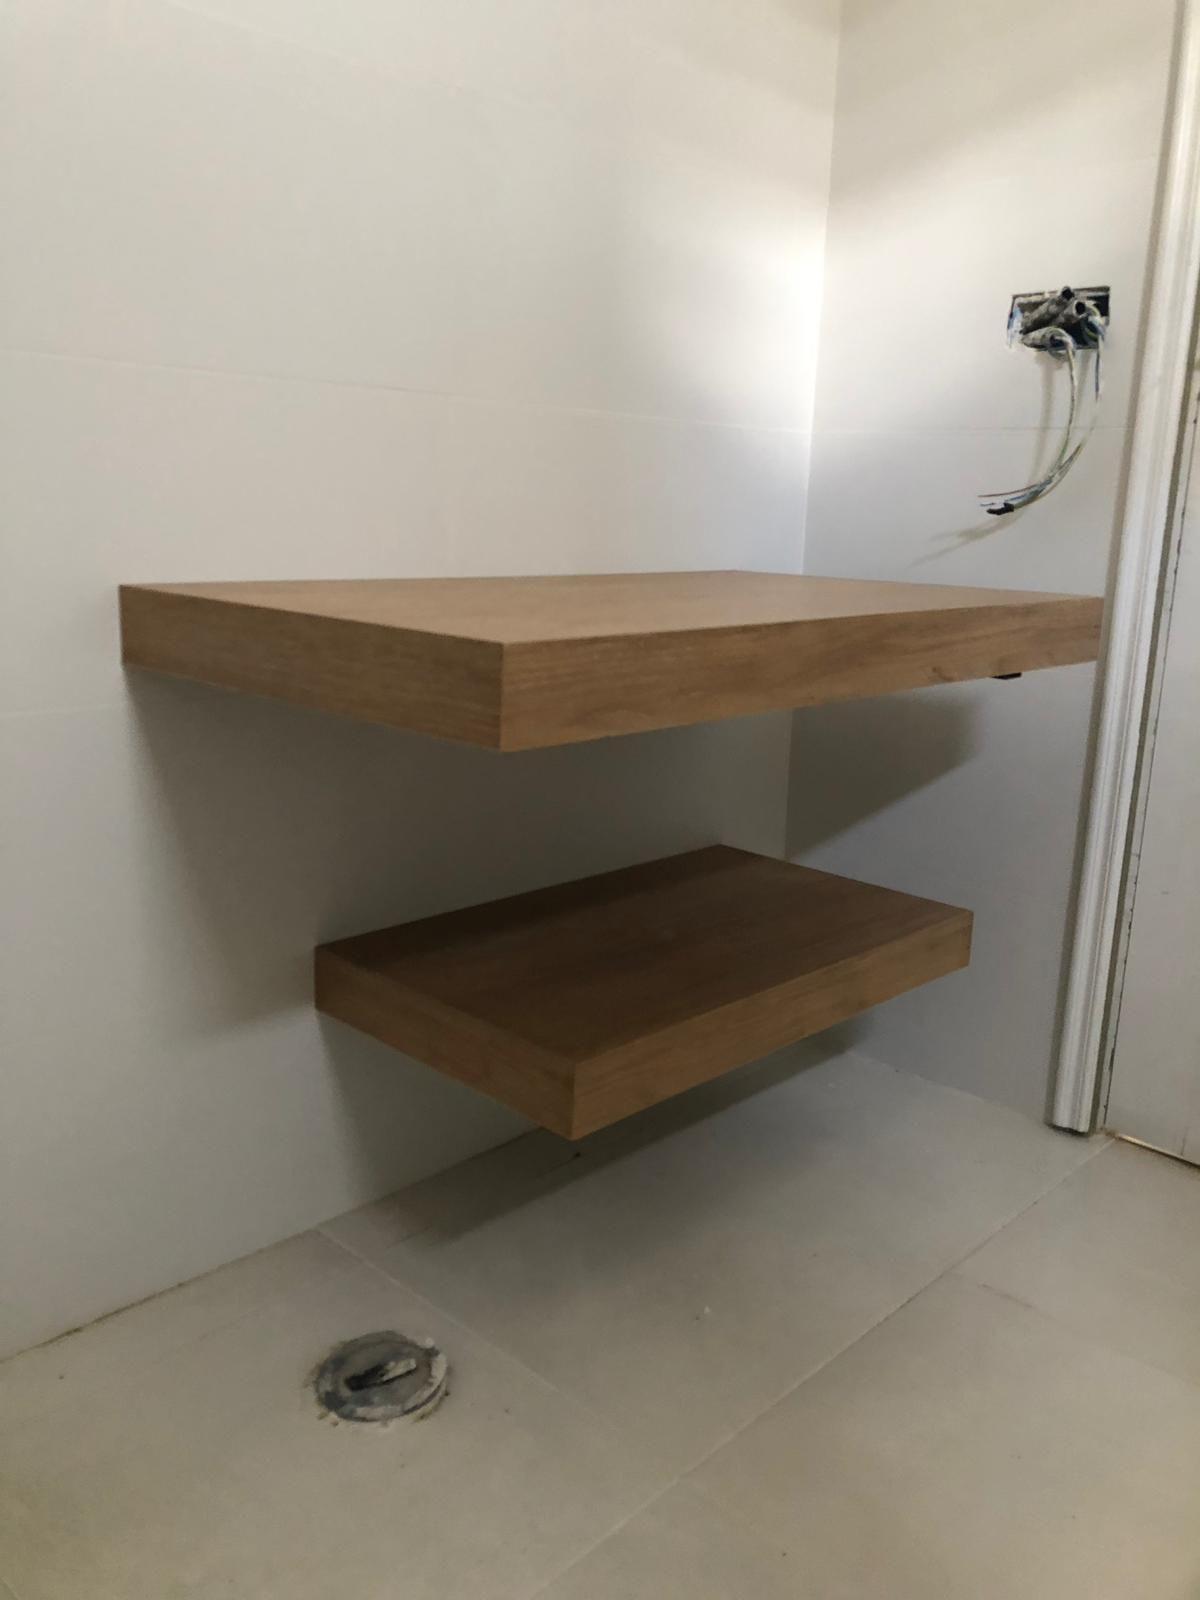 Estanterías de madera Tenerife